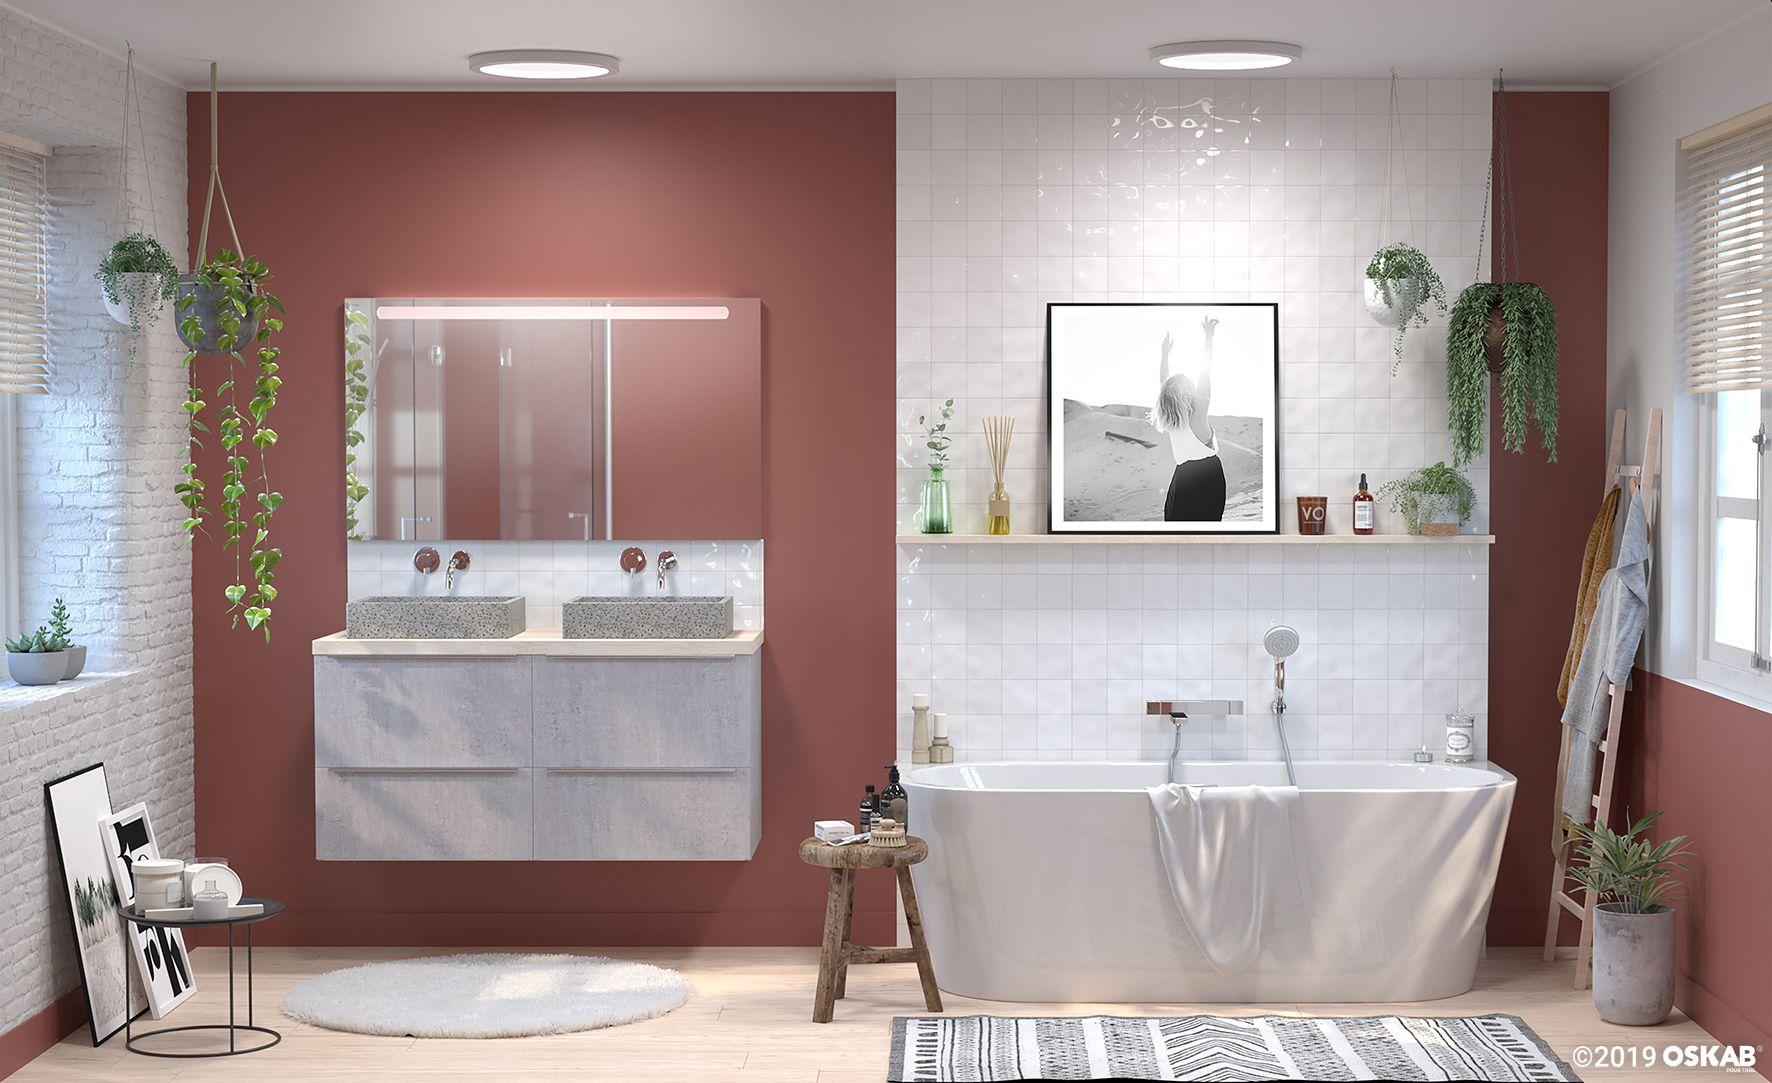 Meuble De Cuisine Salle De Bains Rangement Oskab Idee Salle De Bain Salle De Bain Pmr Deco Salle De Bain Toilette